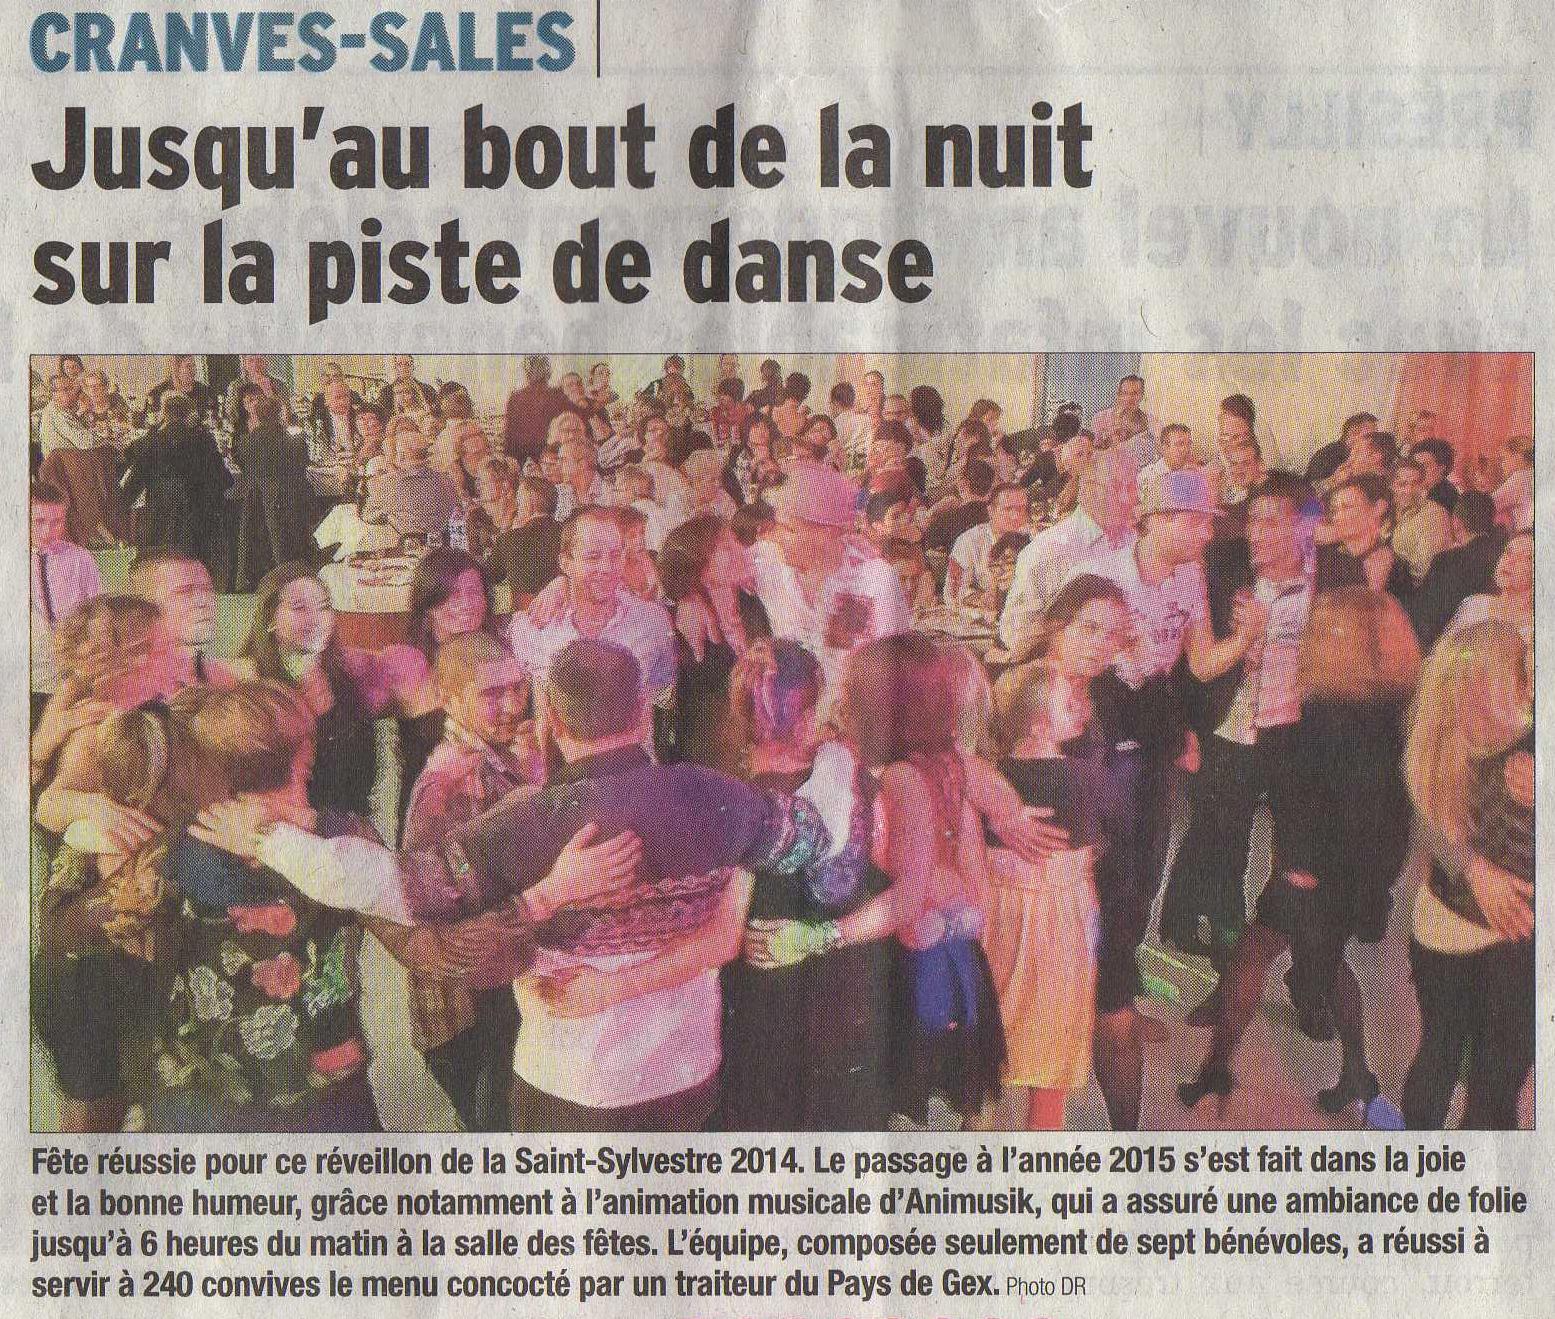 Article_du_DAUPHINE_LIBERE_sur_le_31_�_CRANVES_SALLES_Vendredi_2_Janvier_2015.